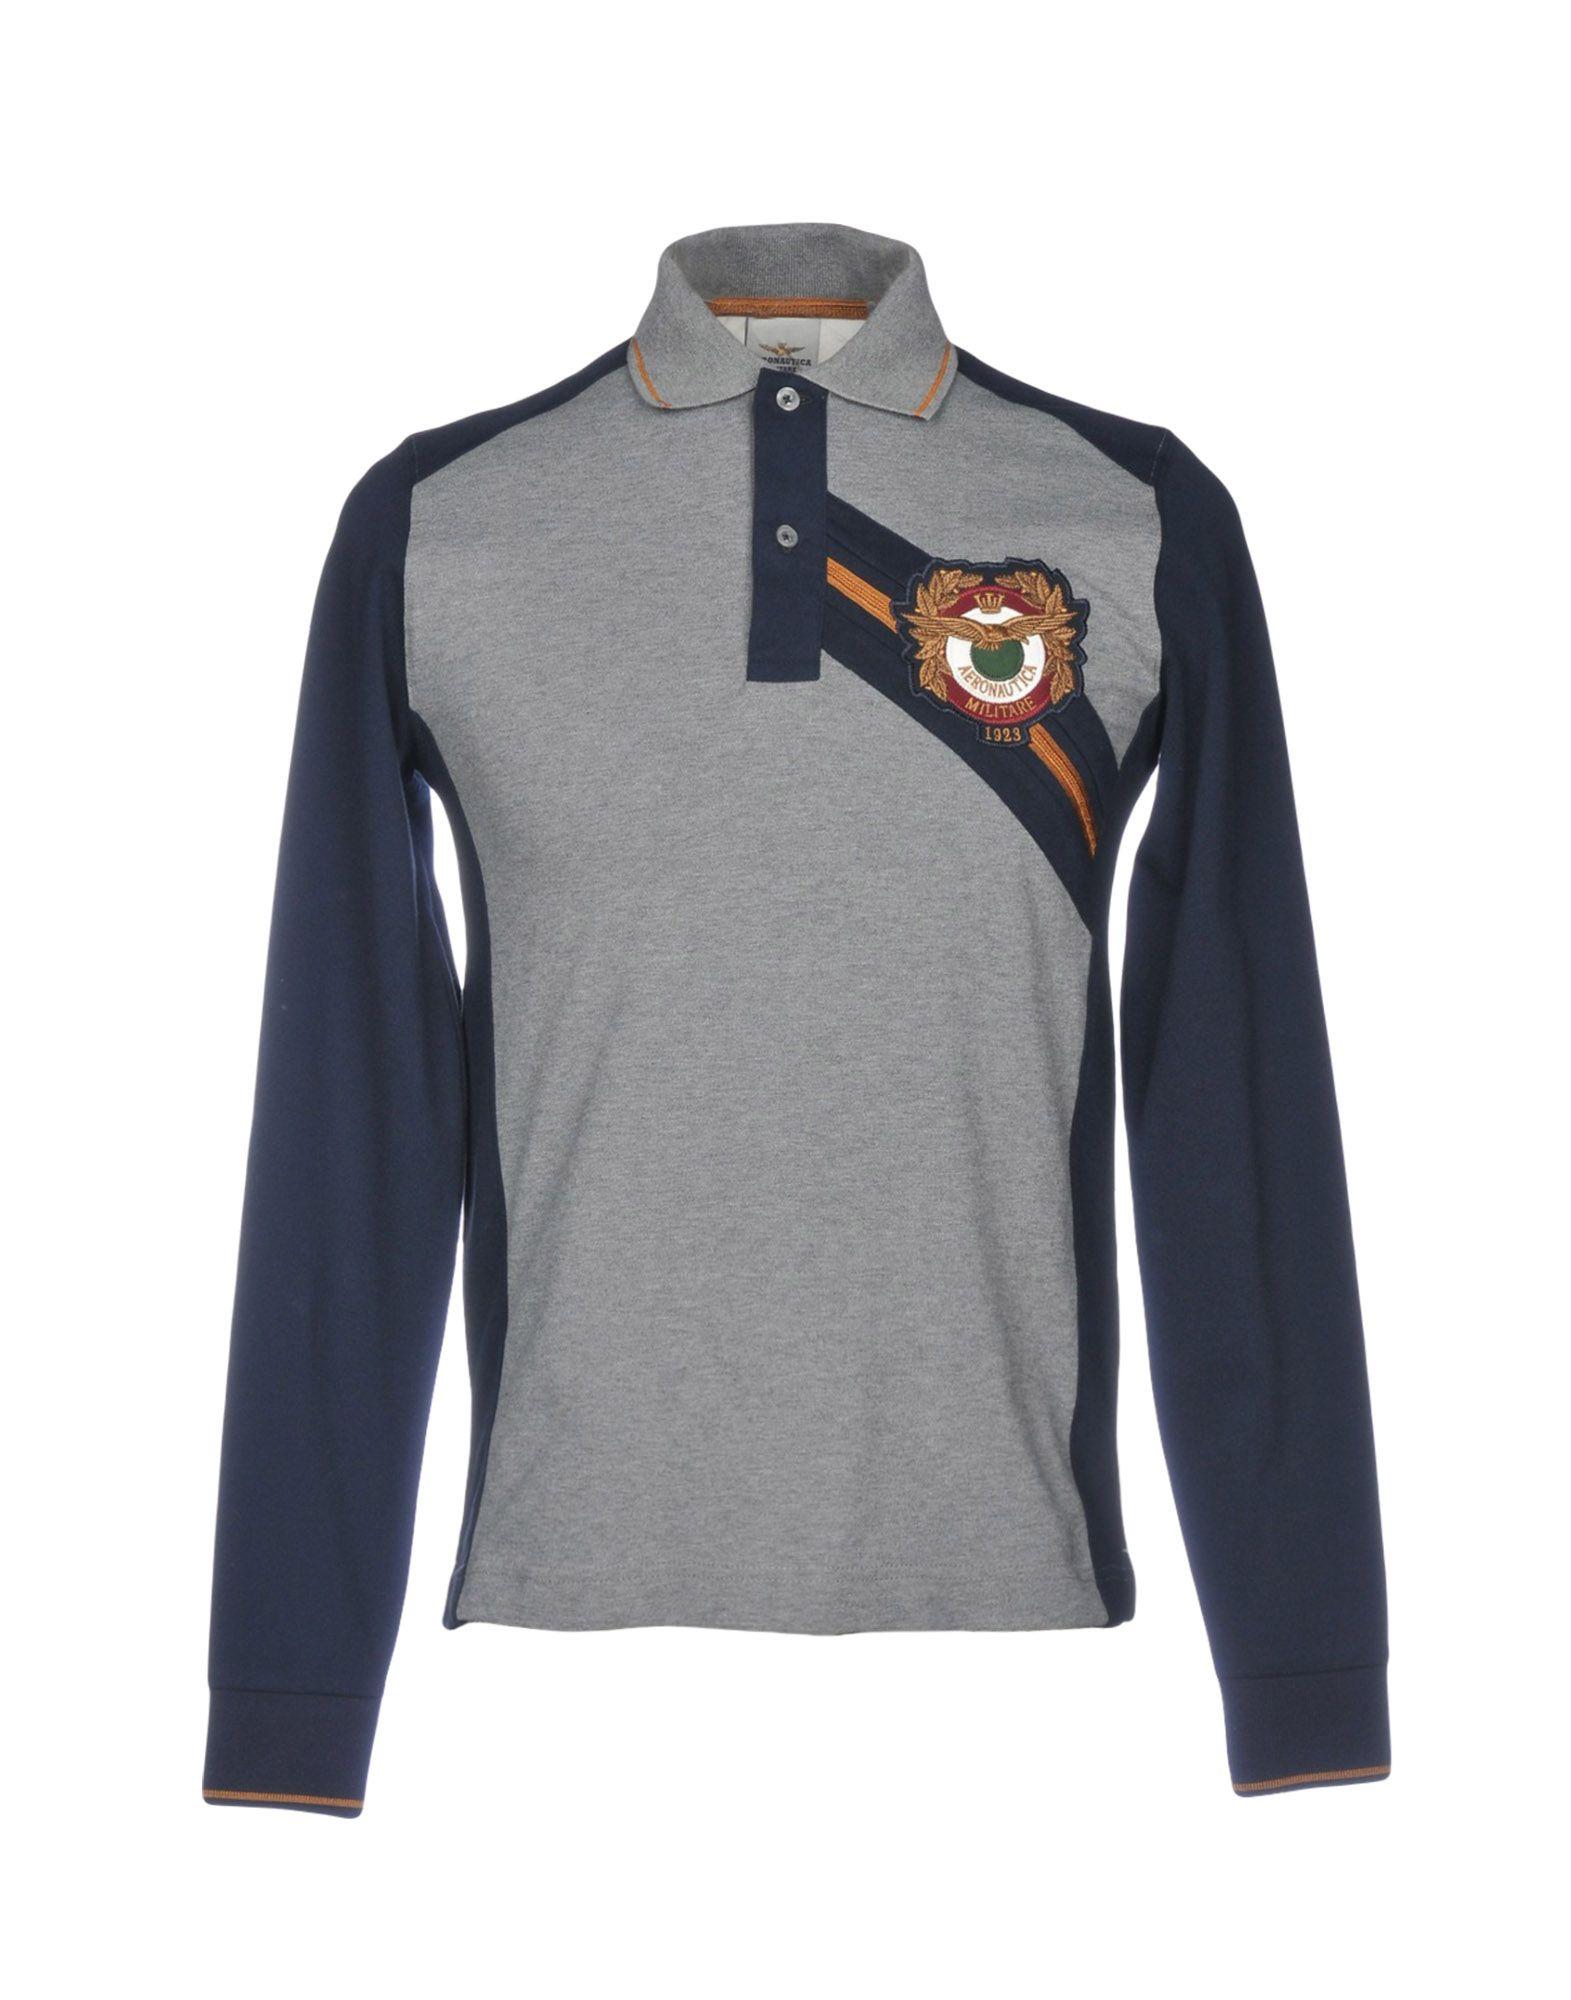 8b052827492a Aeronautica Militare Polo Shirt - Men Aeronautica Militare Polo ...